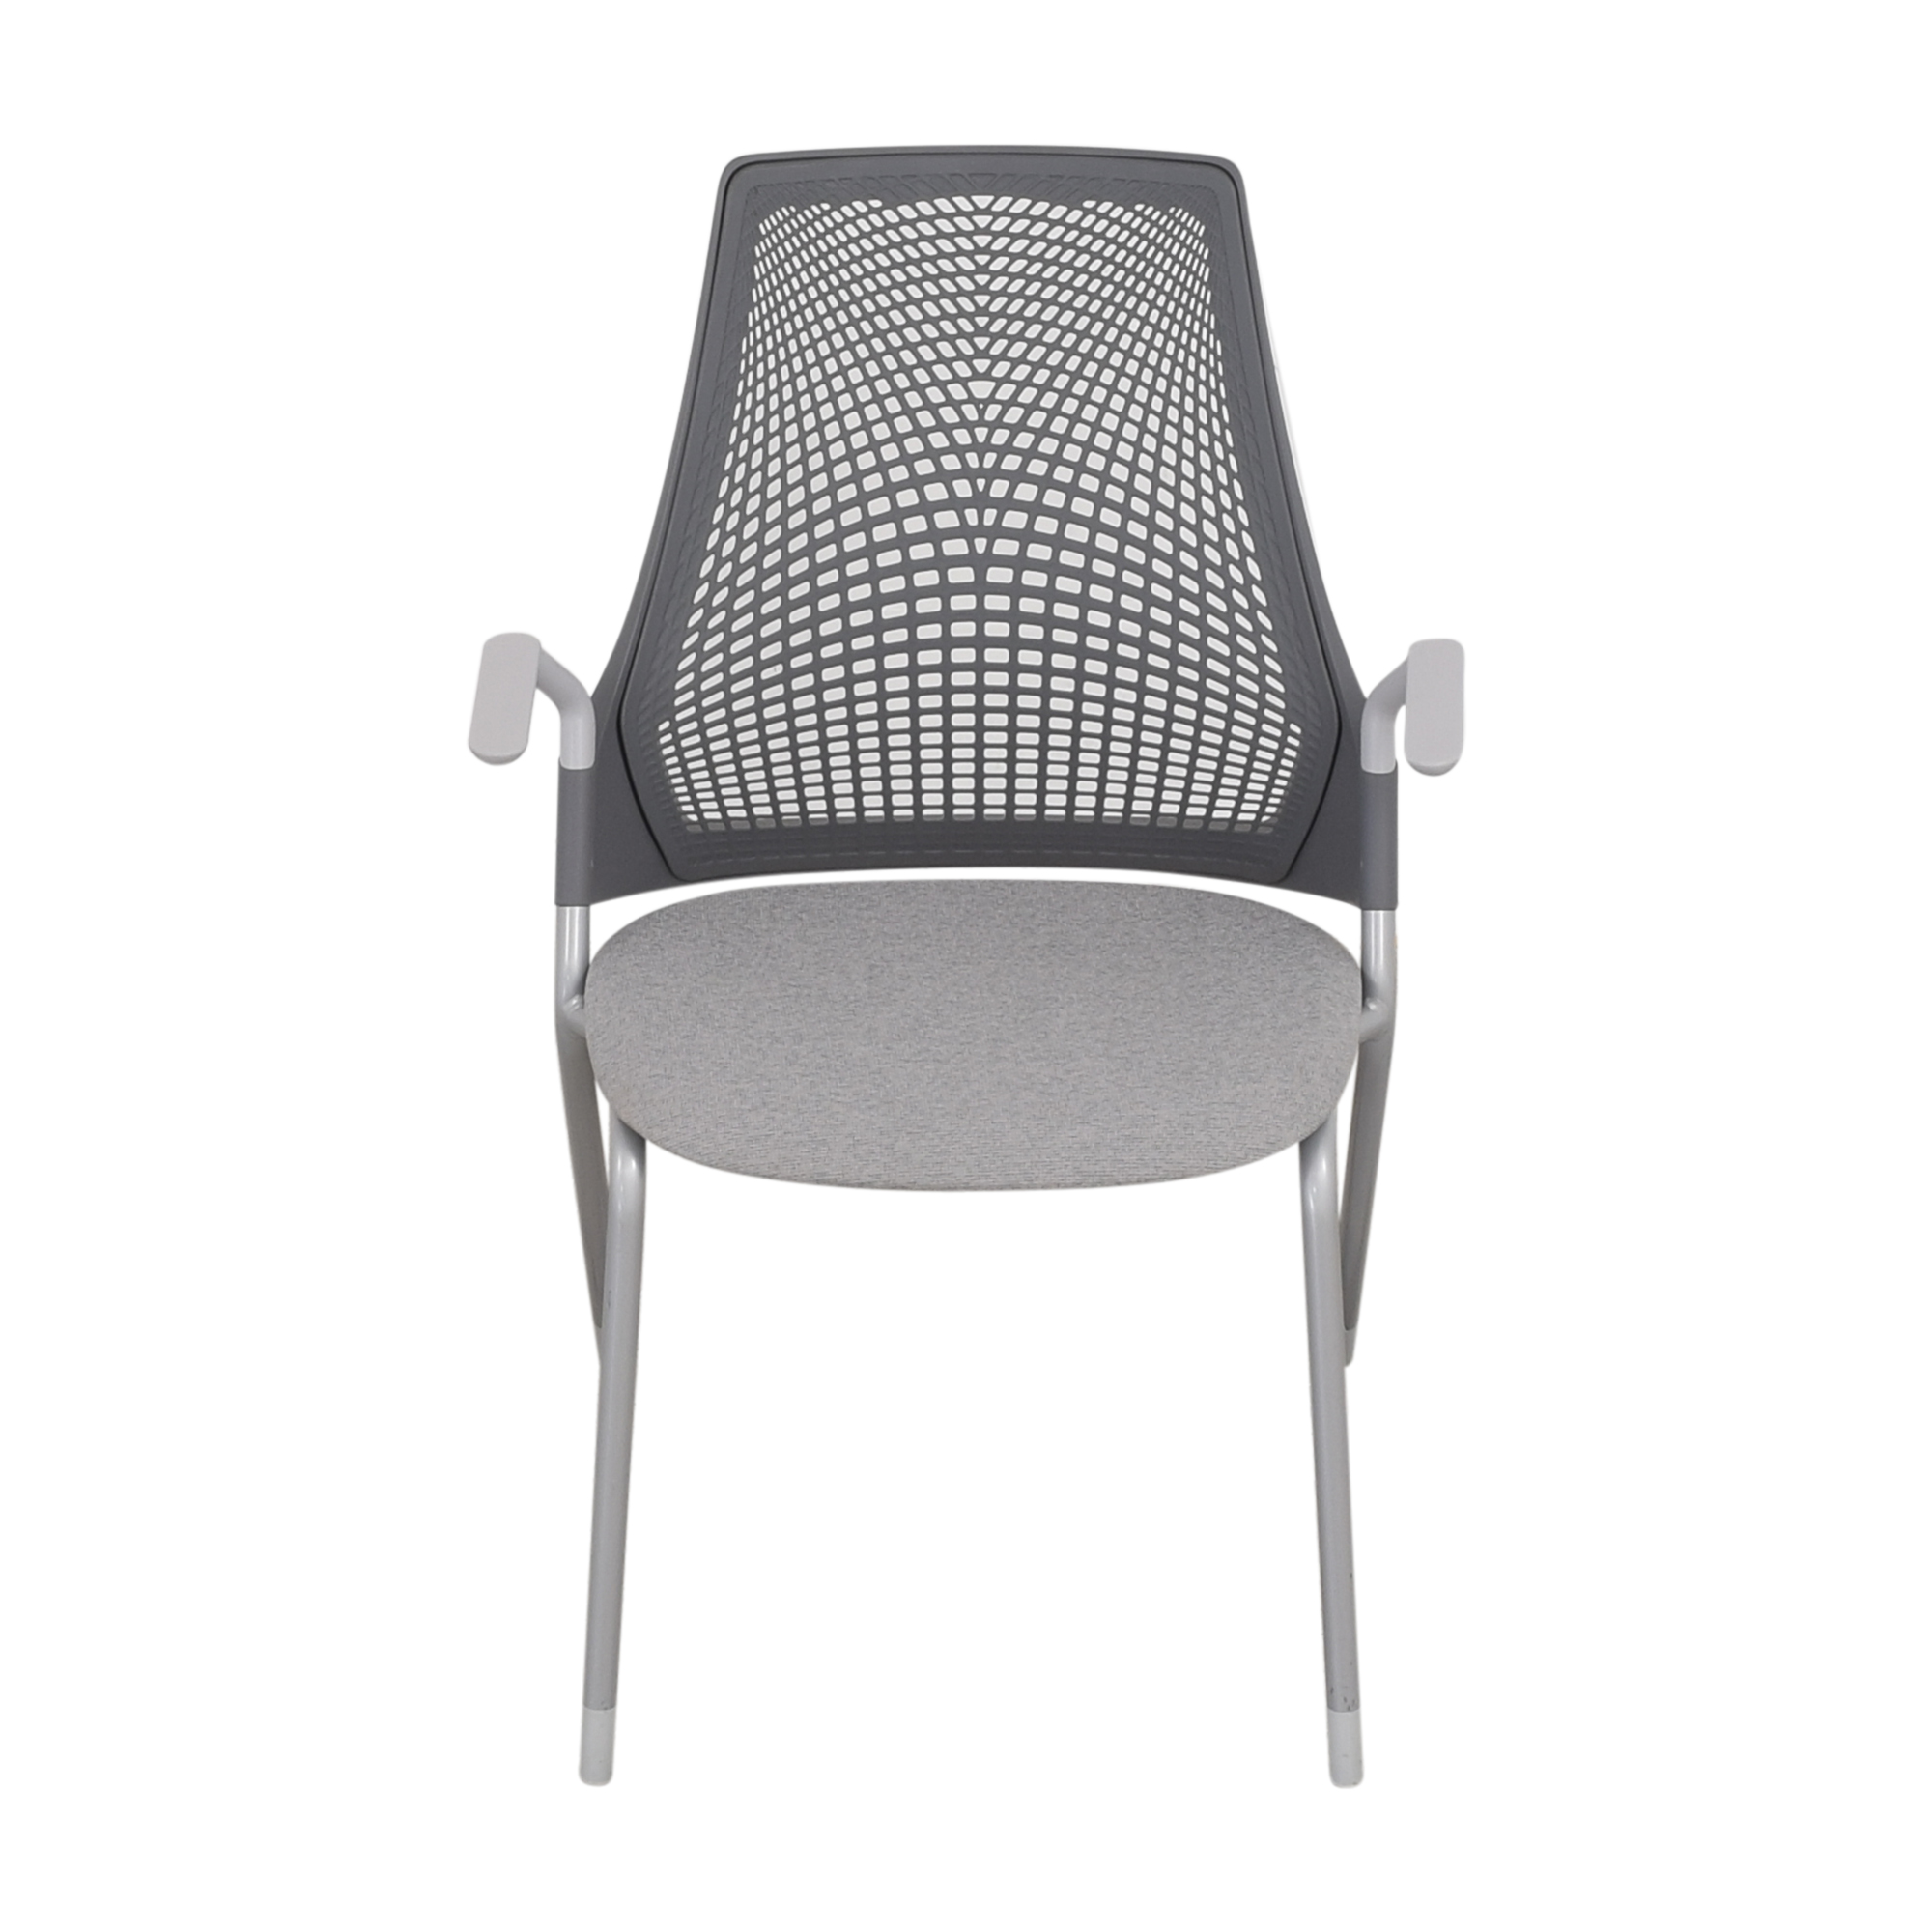 Herman Miller Herman Miller Sayl Side Chair grey